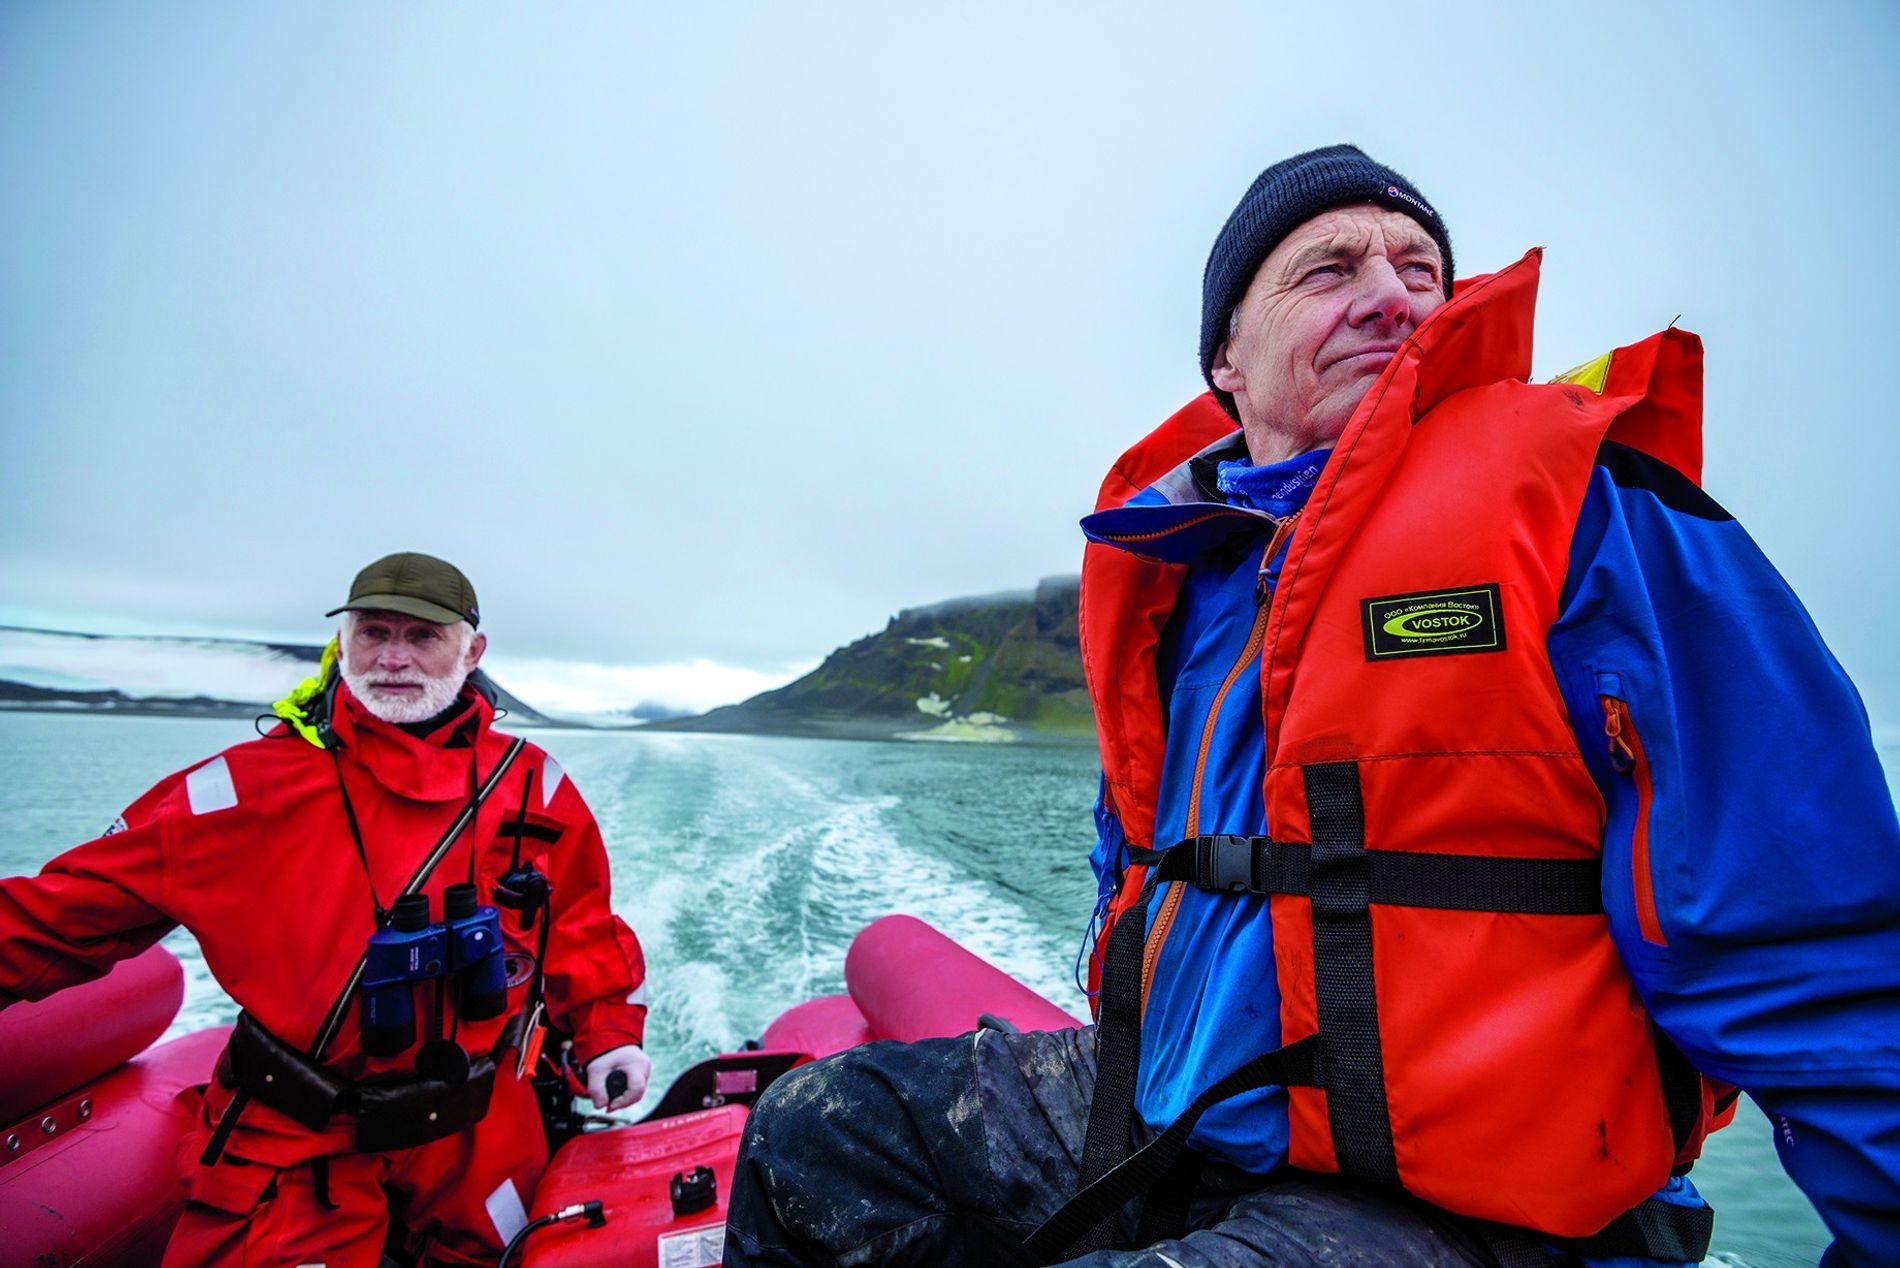 Paul Rose (rechts im Foto) im Archipel Franz-Josef-Land in der russischen Arktis.